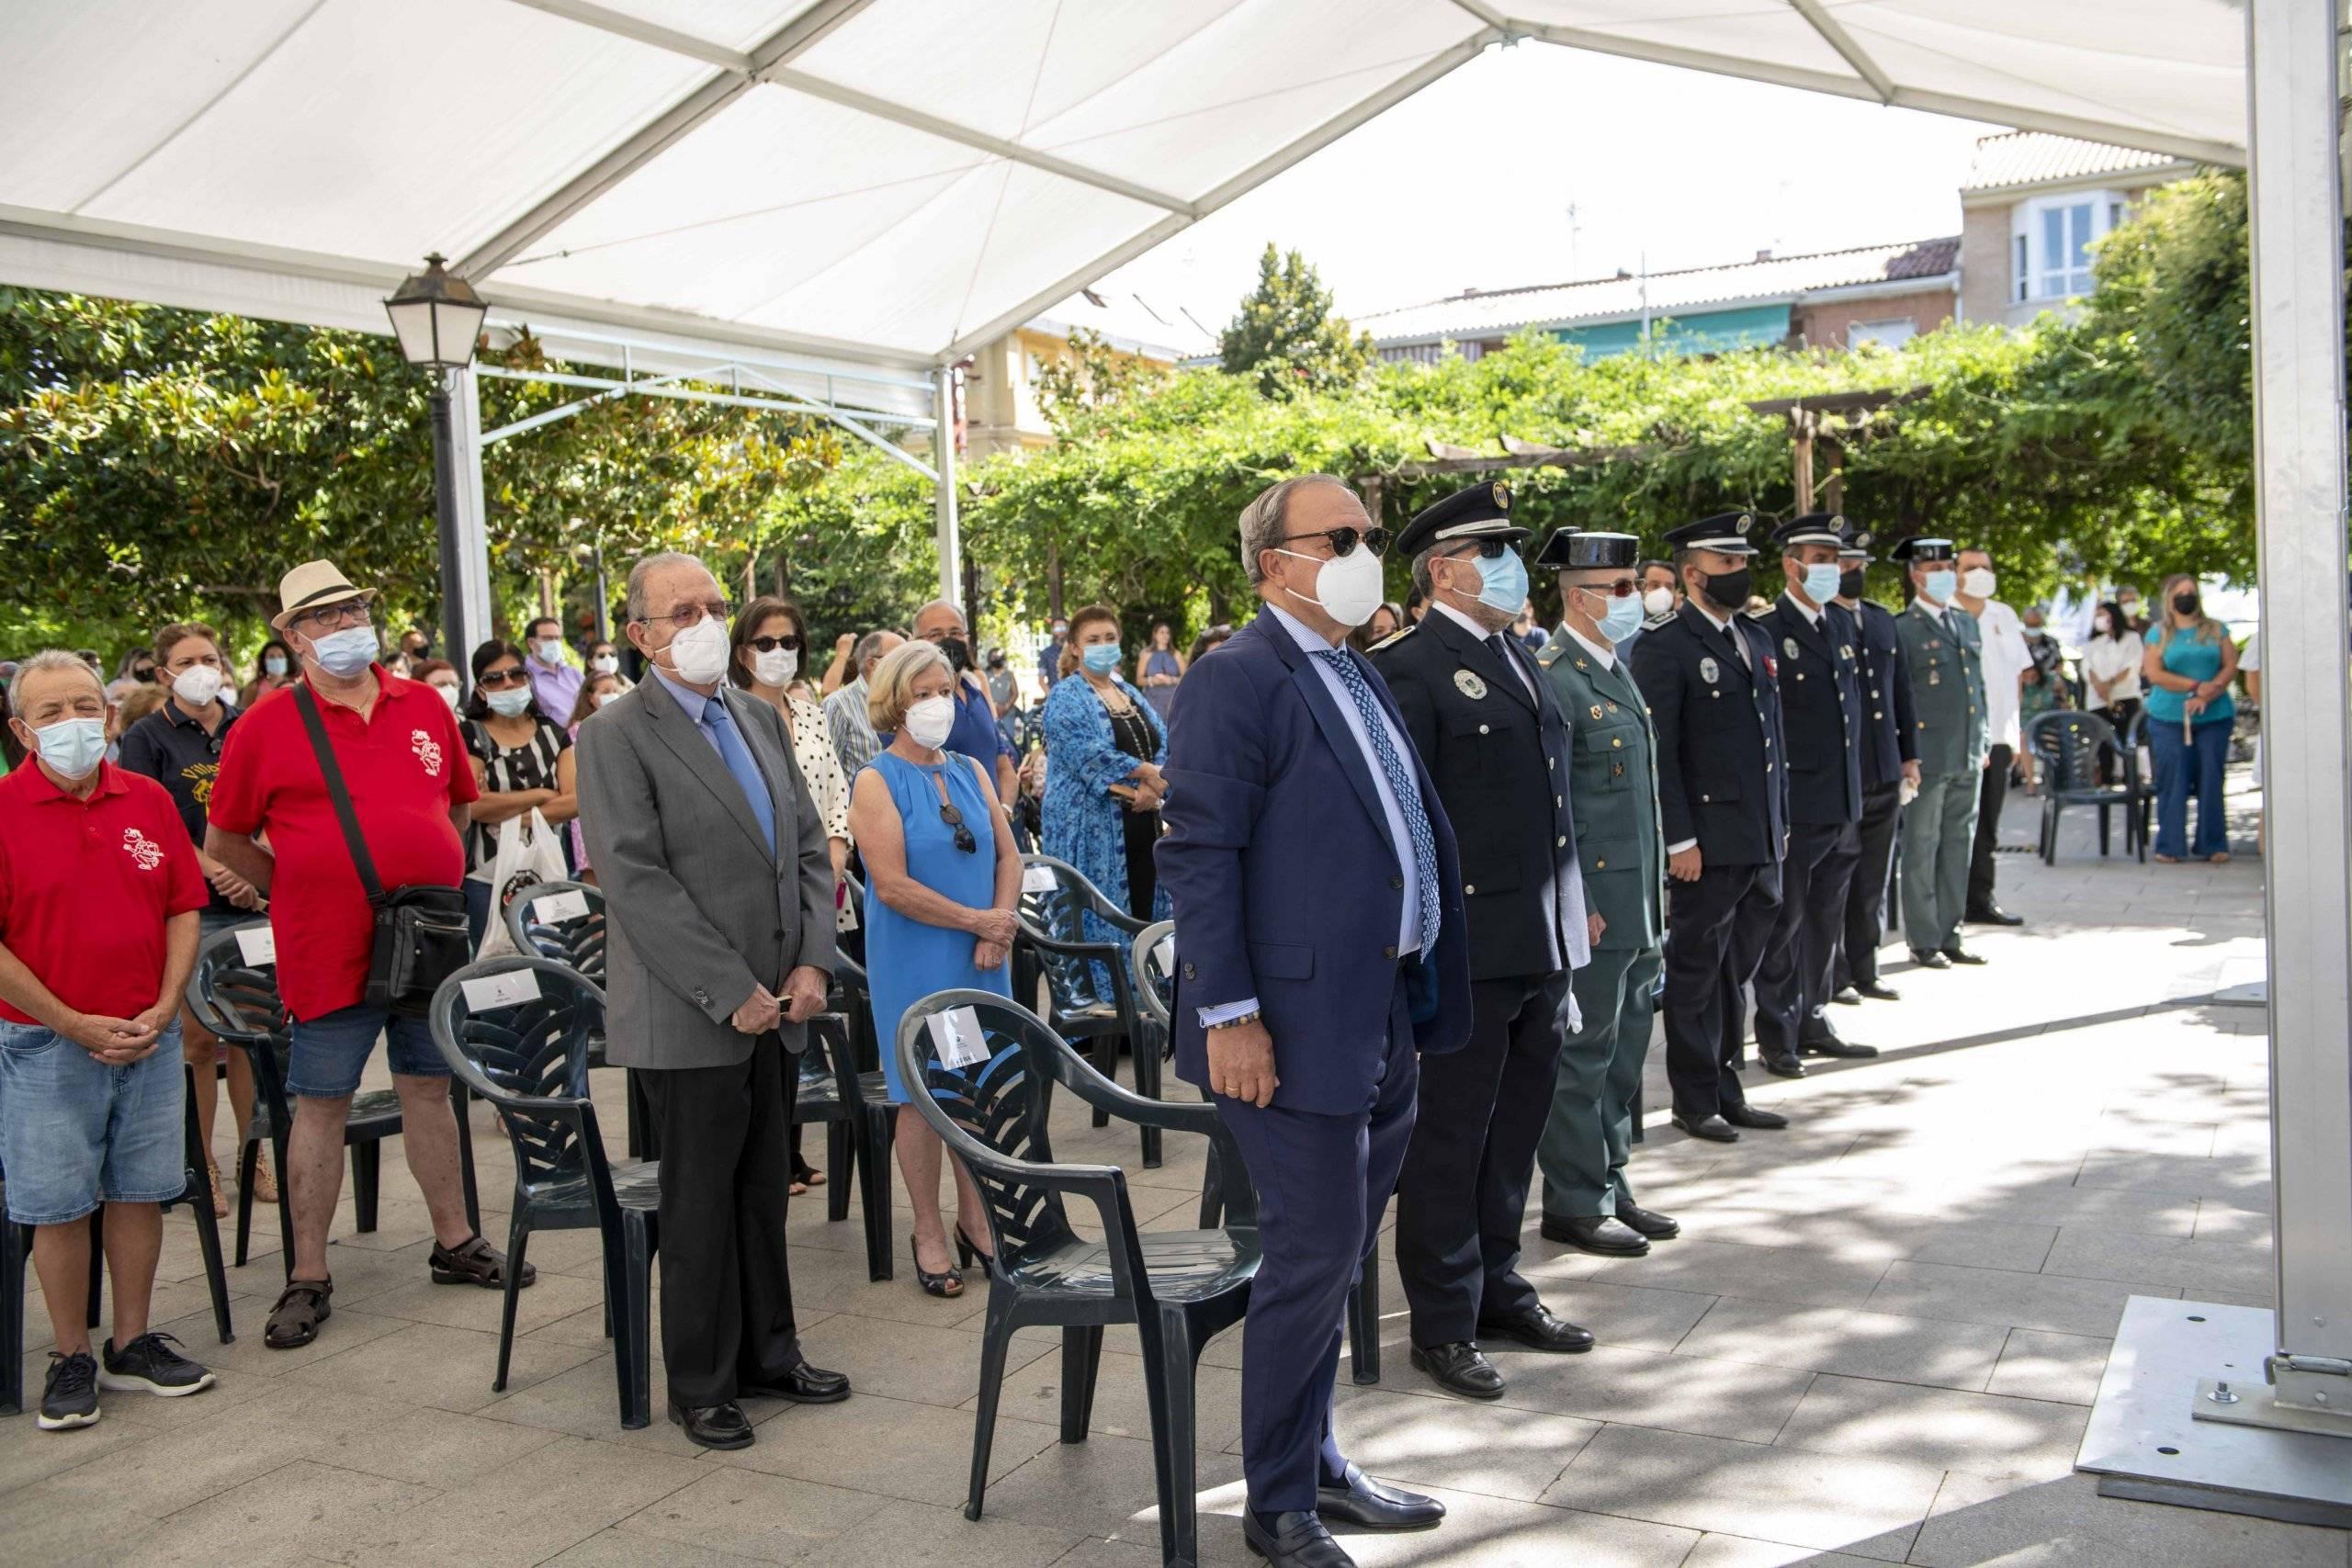 Representantes de Policía Local, Guardia Civil, Juzgado de Paz y distintos colectivos.